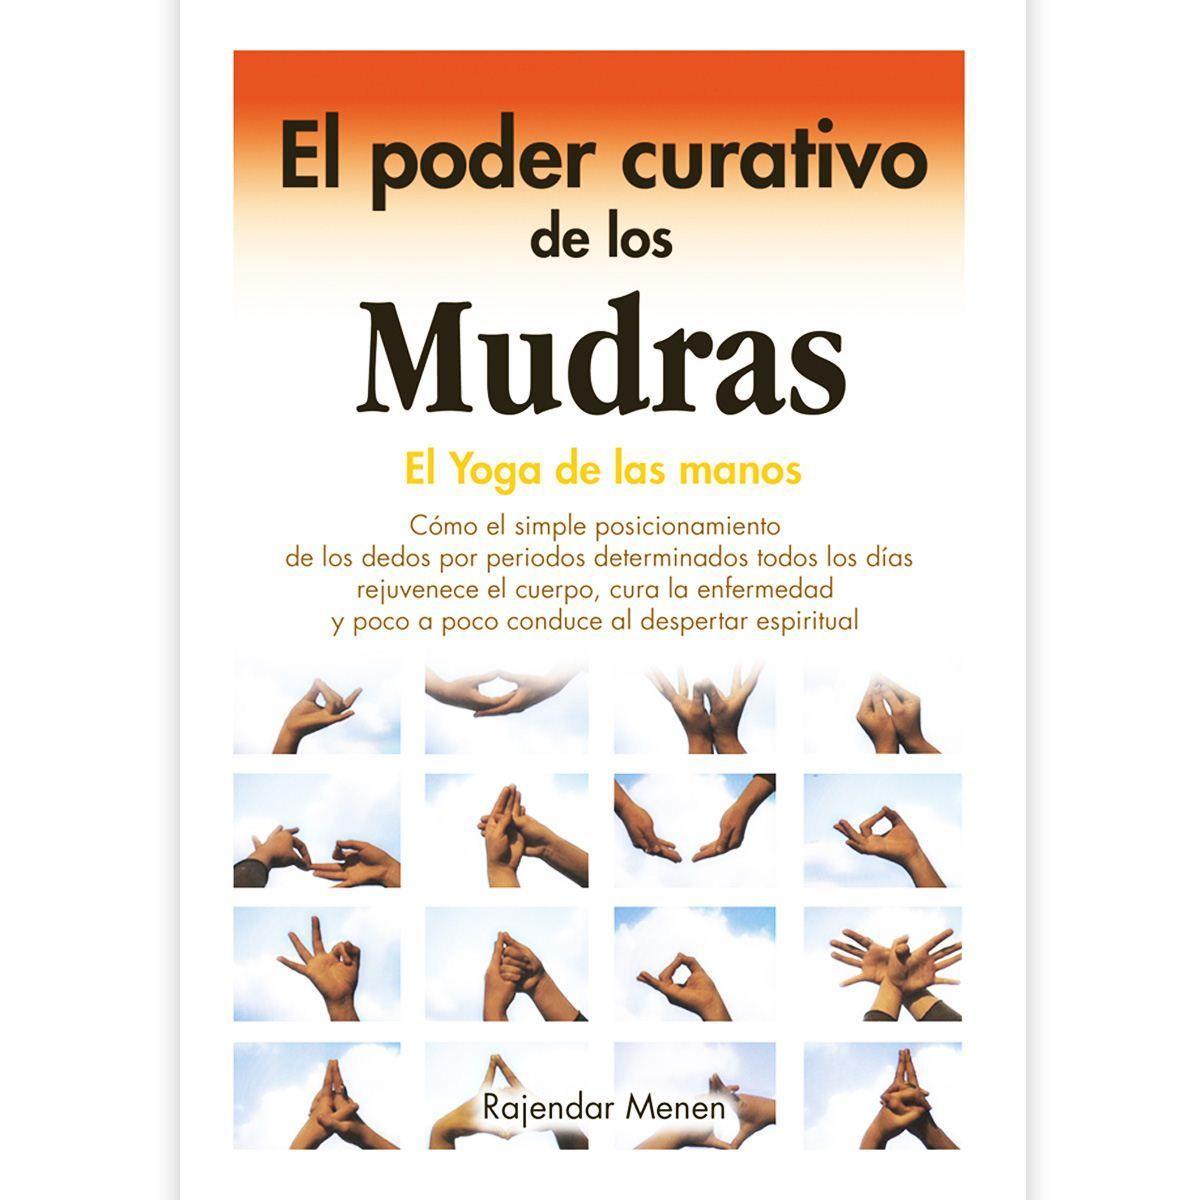 Mudras En Espanol